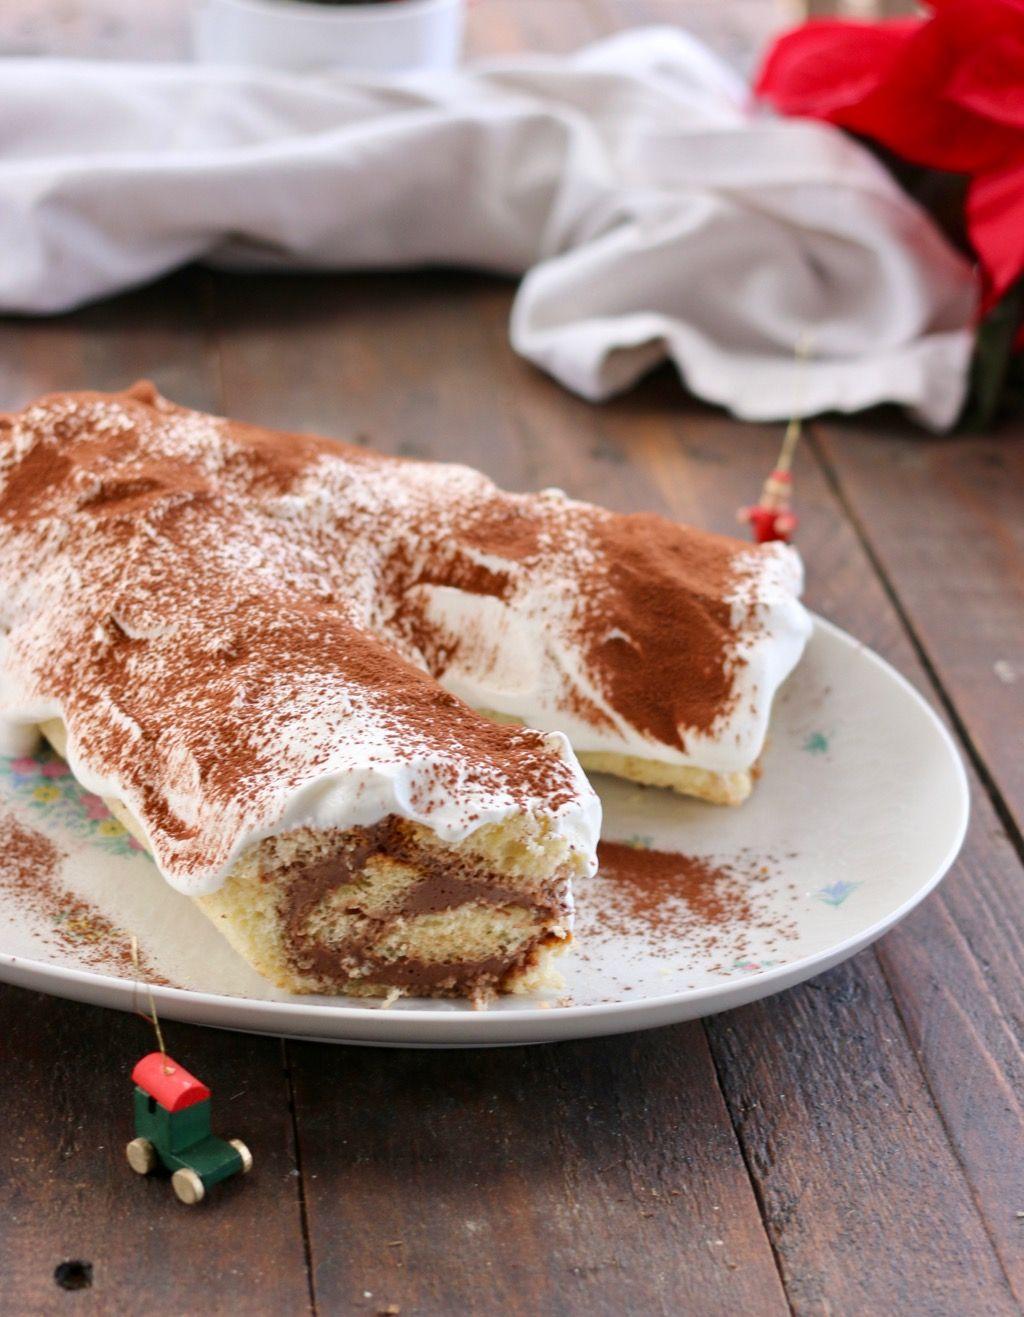 Tronchetto Di Natale Con Pandoro.Tronchetto Di Natale Di Pandoro Con Panna E Nutella Ricetta Con Immagini Ricette Dolci Idee Alimentari Ricette